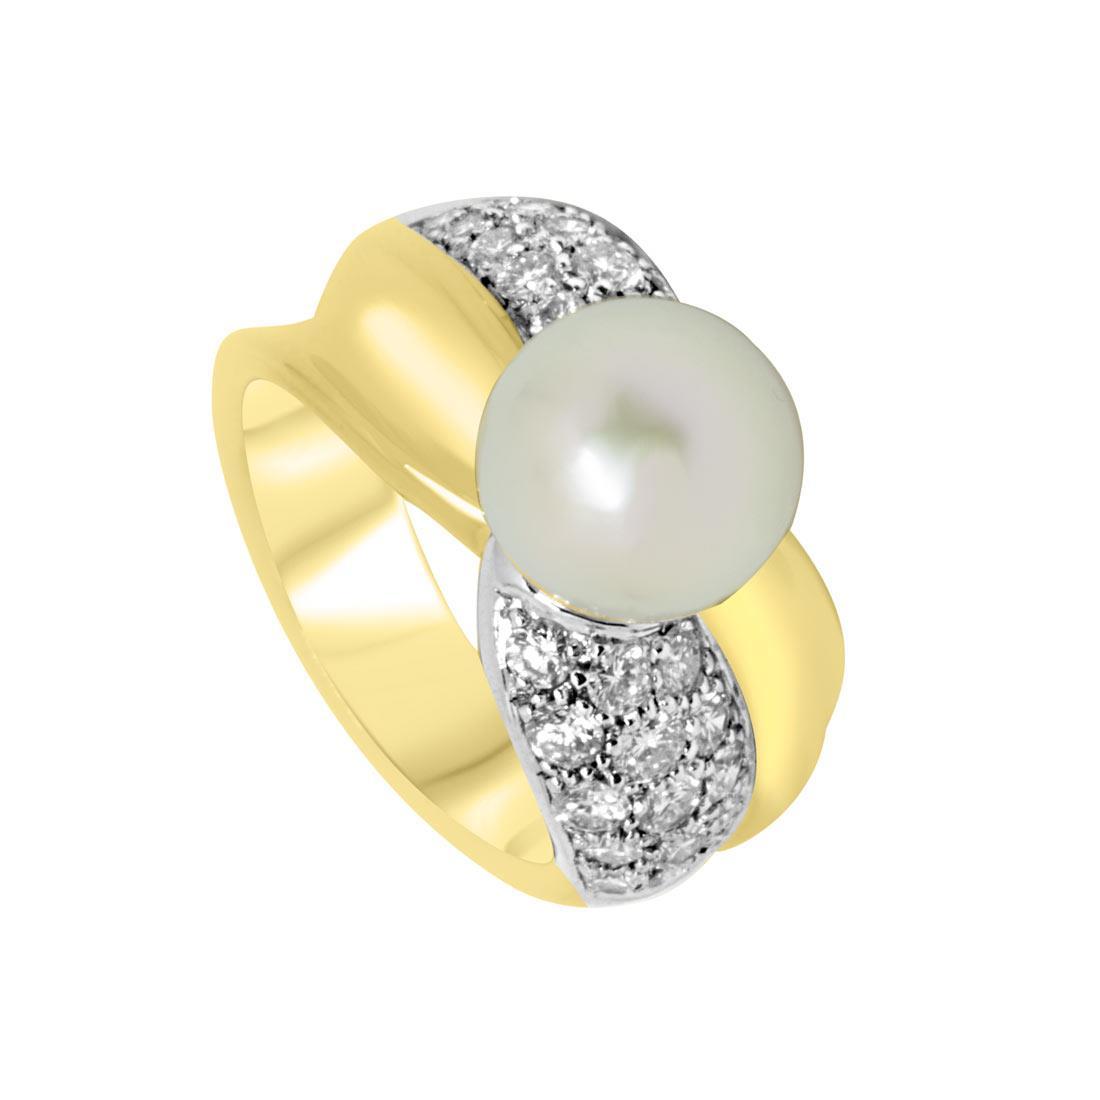 Anello Oro & Co in oro giallo con diamanti 1.03 ct e perla, misura 12 - ORO&CO